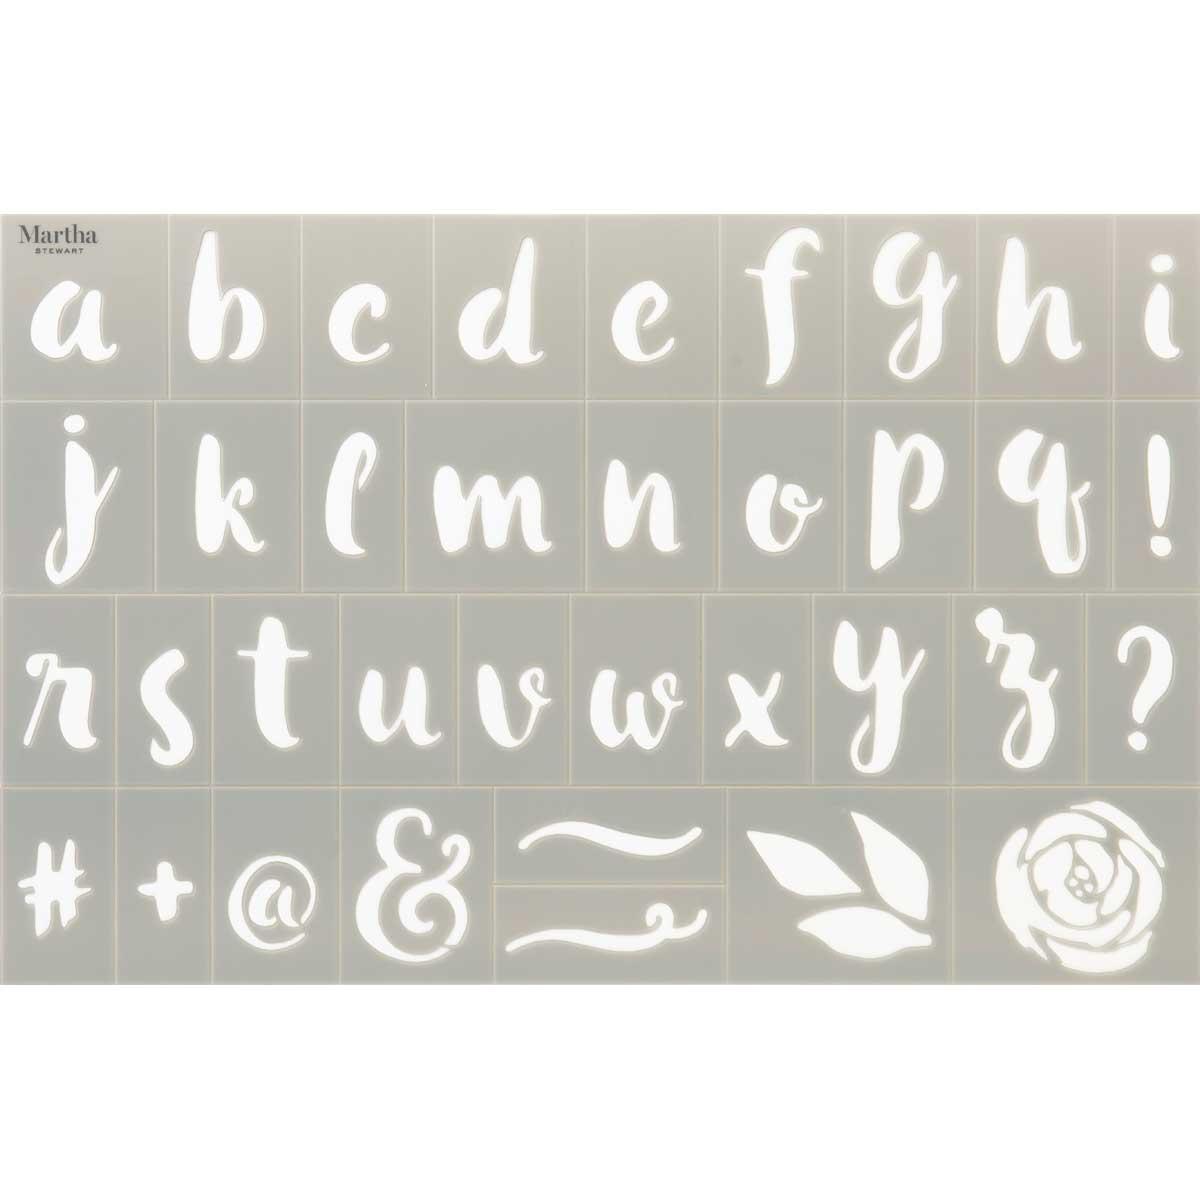 Martha Stewart® Adhesive Stencil - Alphabets